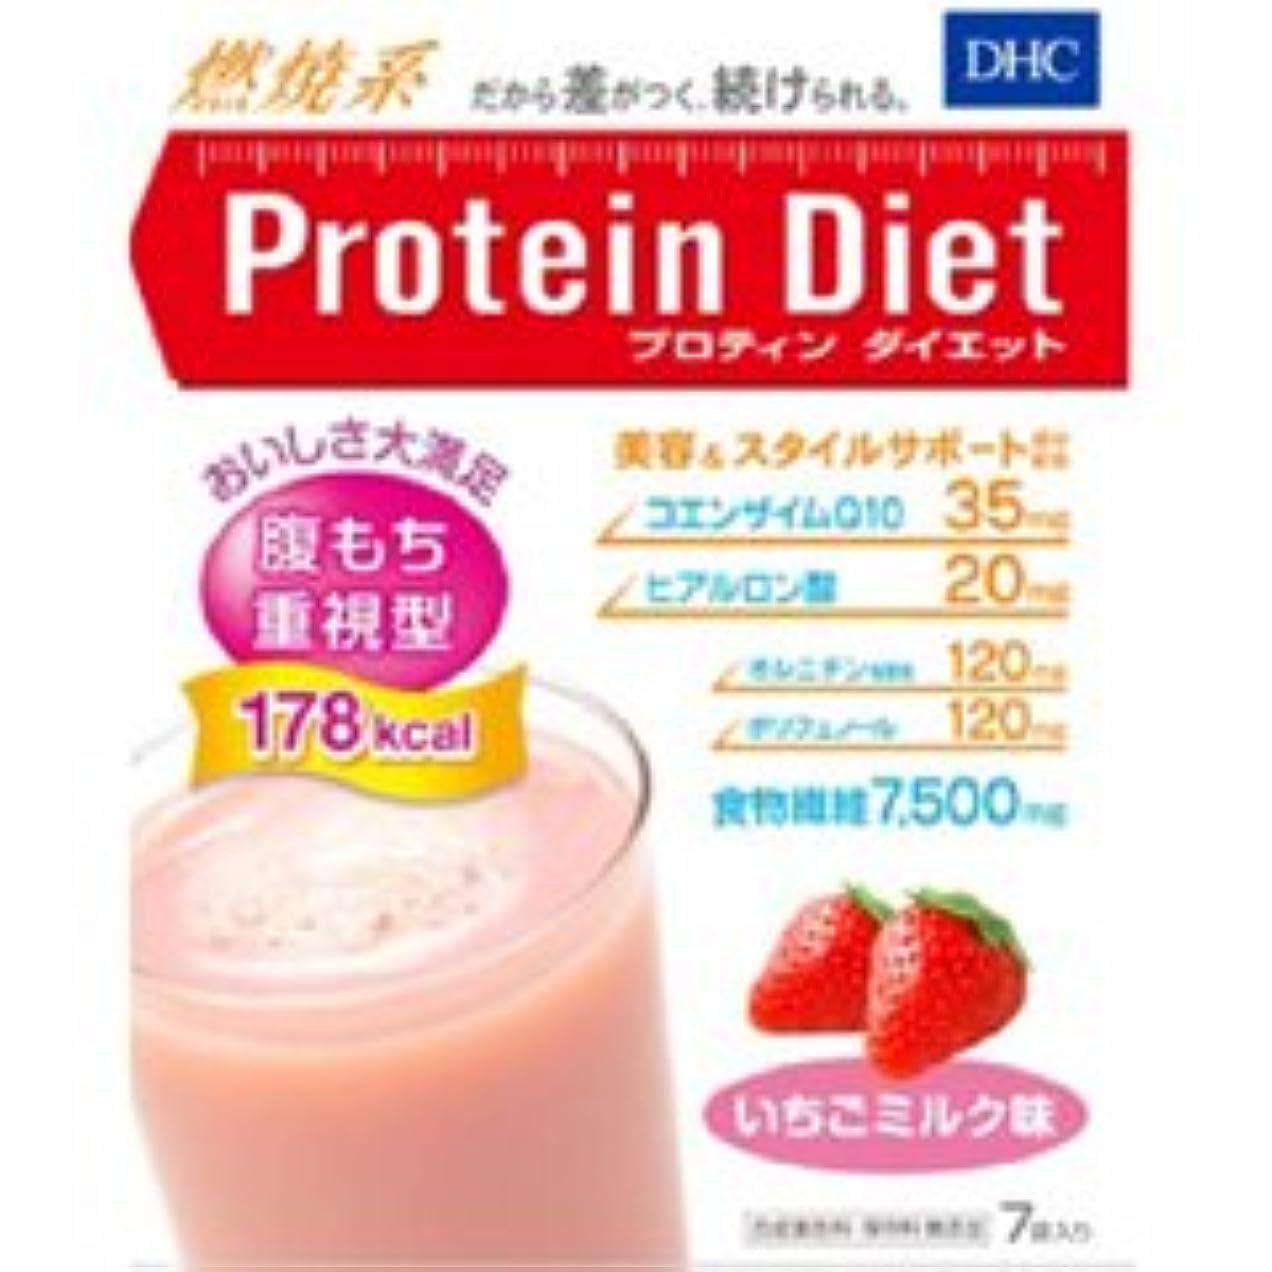 ステンレス欲望香水DHCの健康食品 プロティンダイエット いちごミルク味 50g×7袋 【DHC】